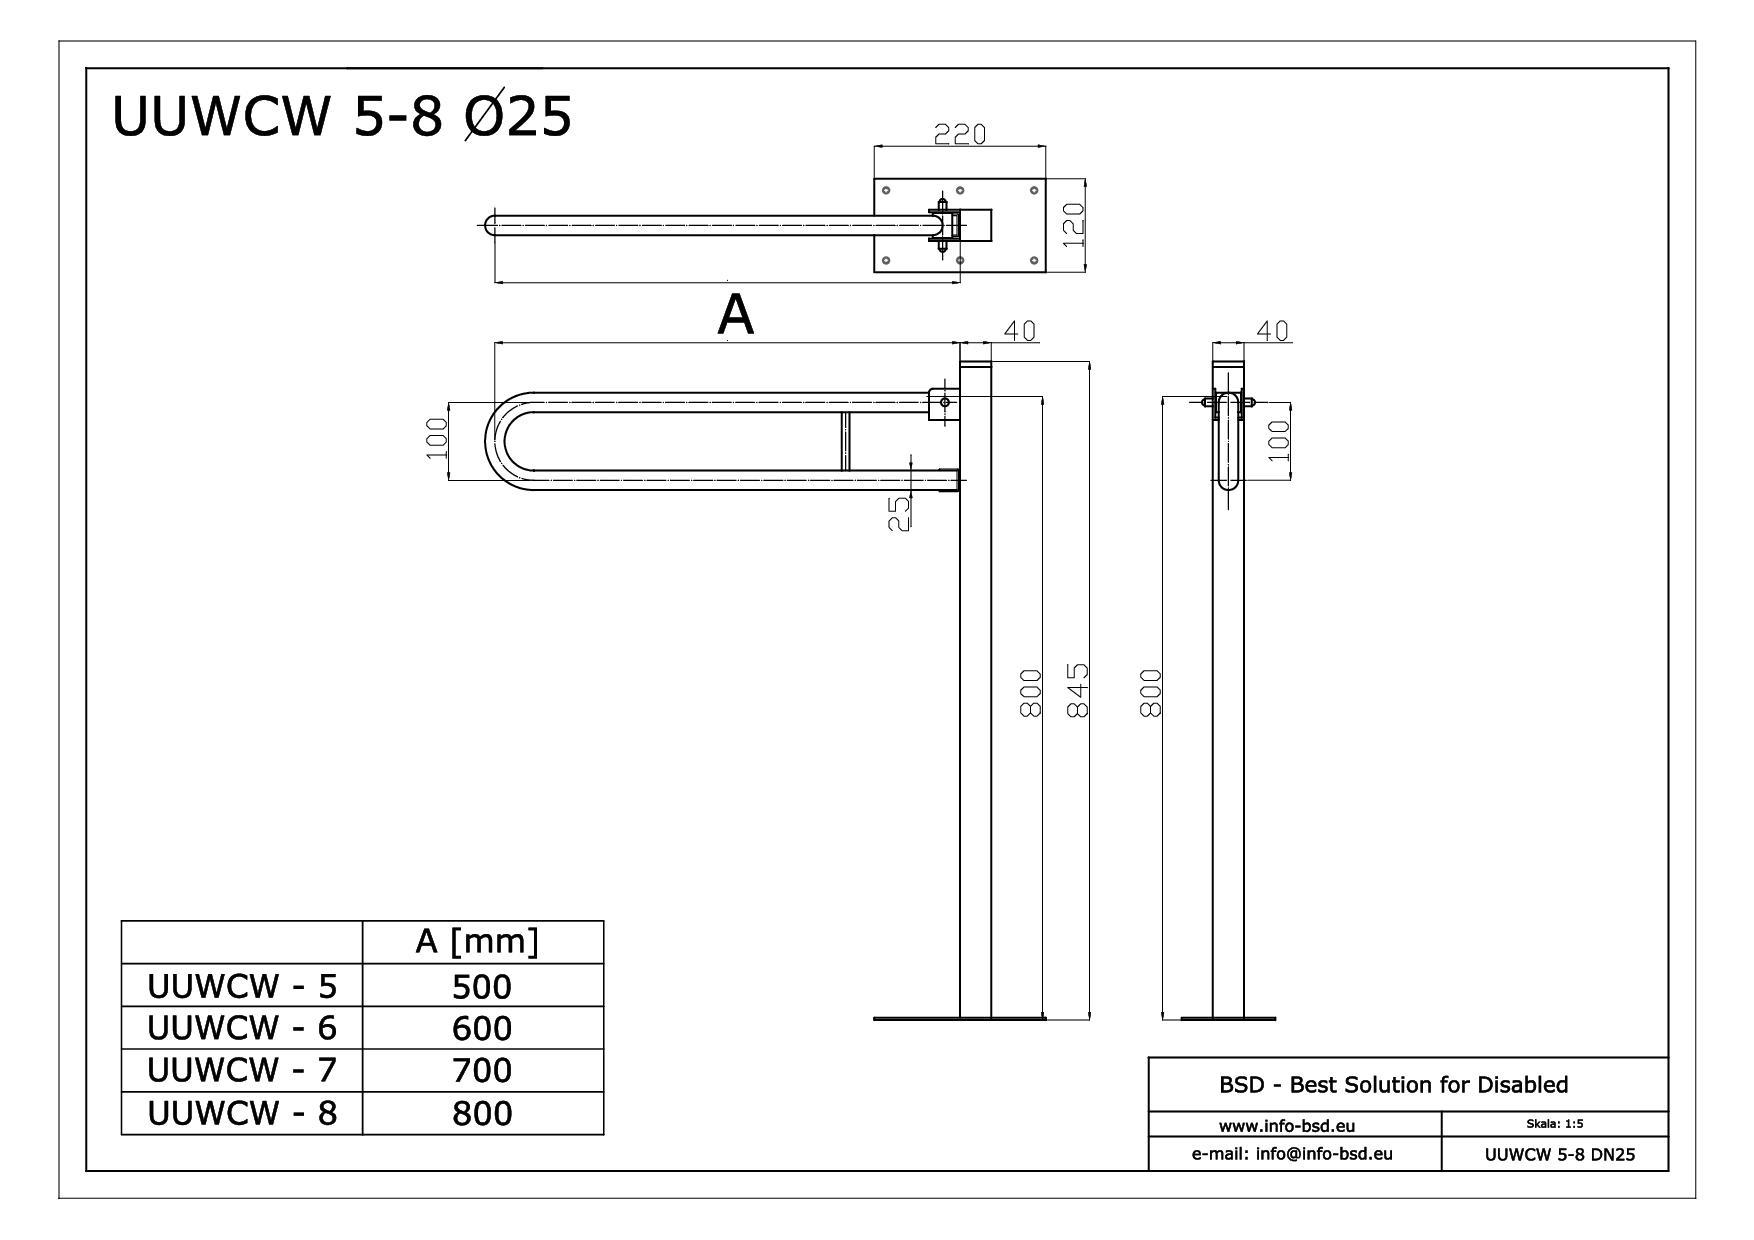 Poręcz Umywalkowa Wc łukowa Uchylna Wolnostojąca 50cm 85cm